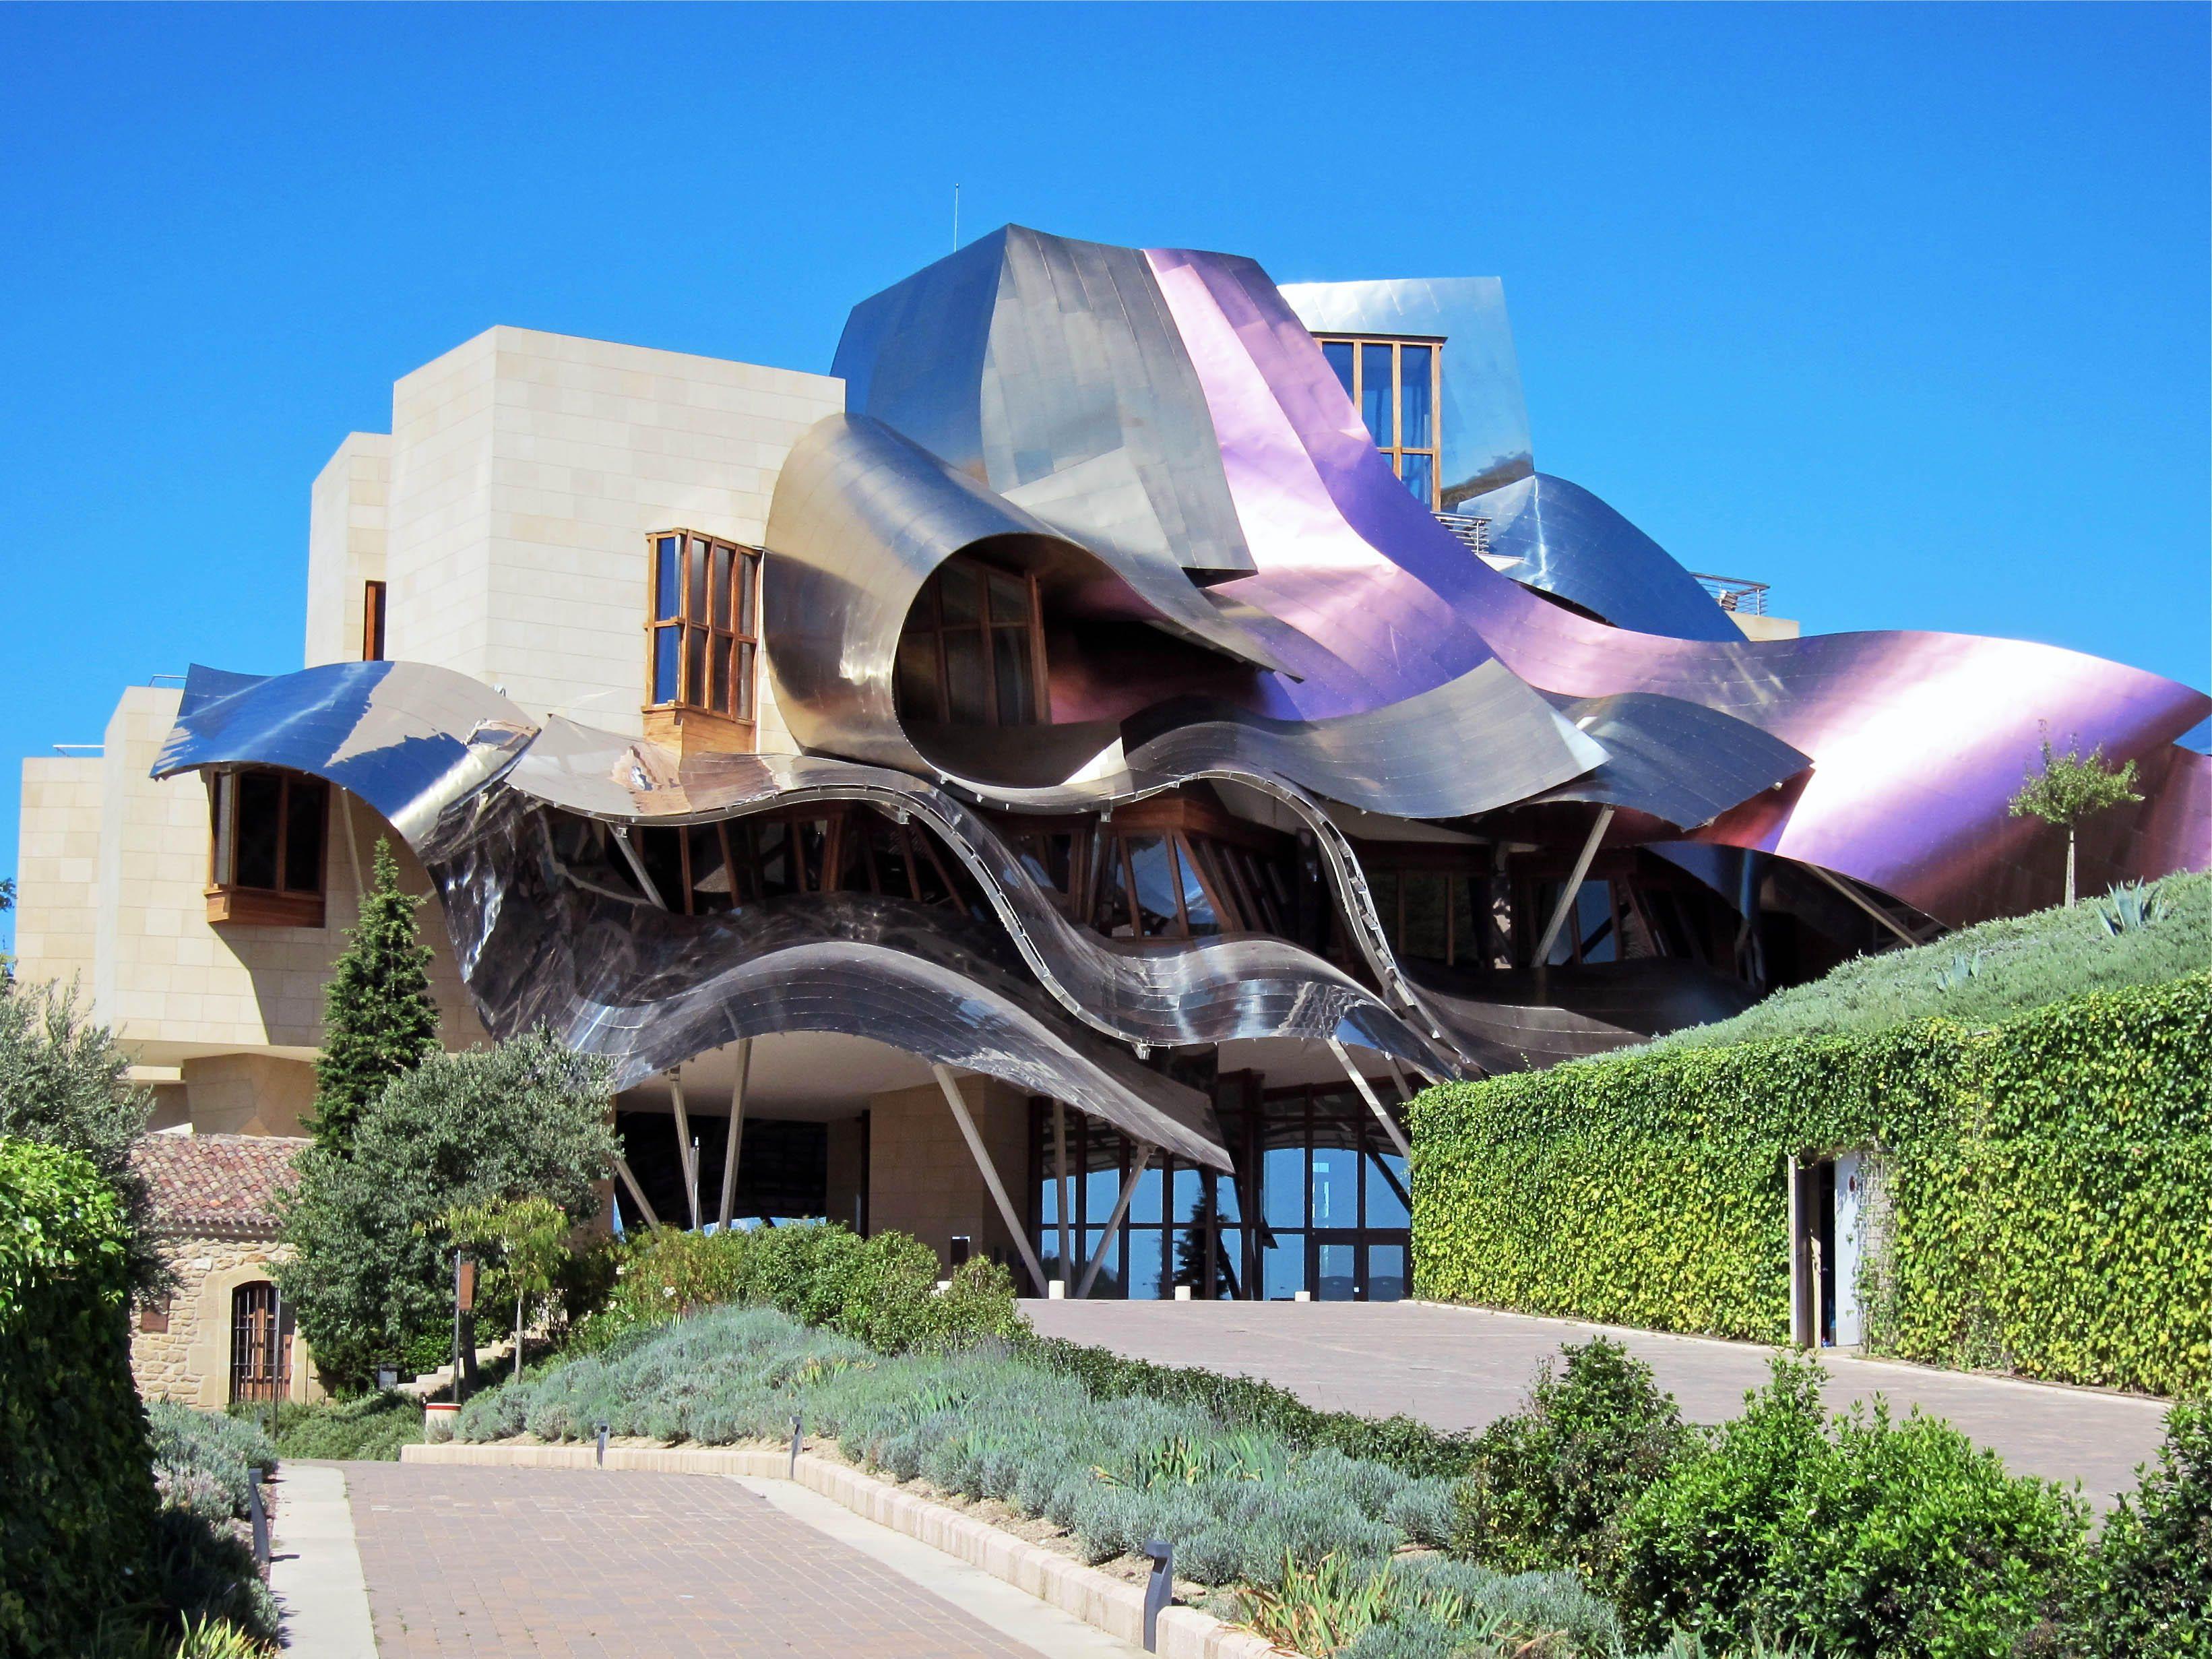 Frank gehry l 39 architetto contemporaneo rivoluzionario for Hotel marques de riscal